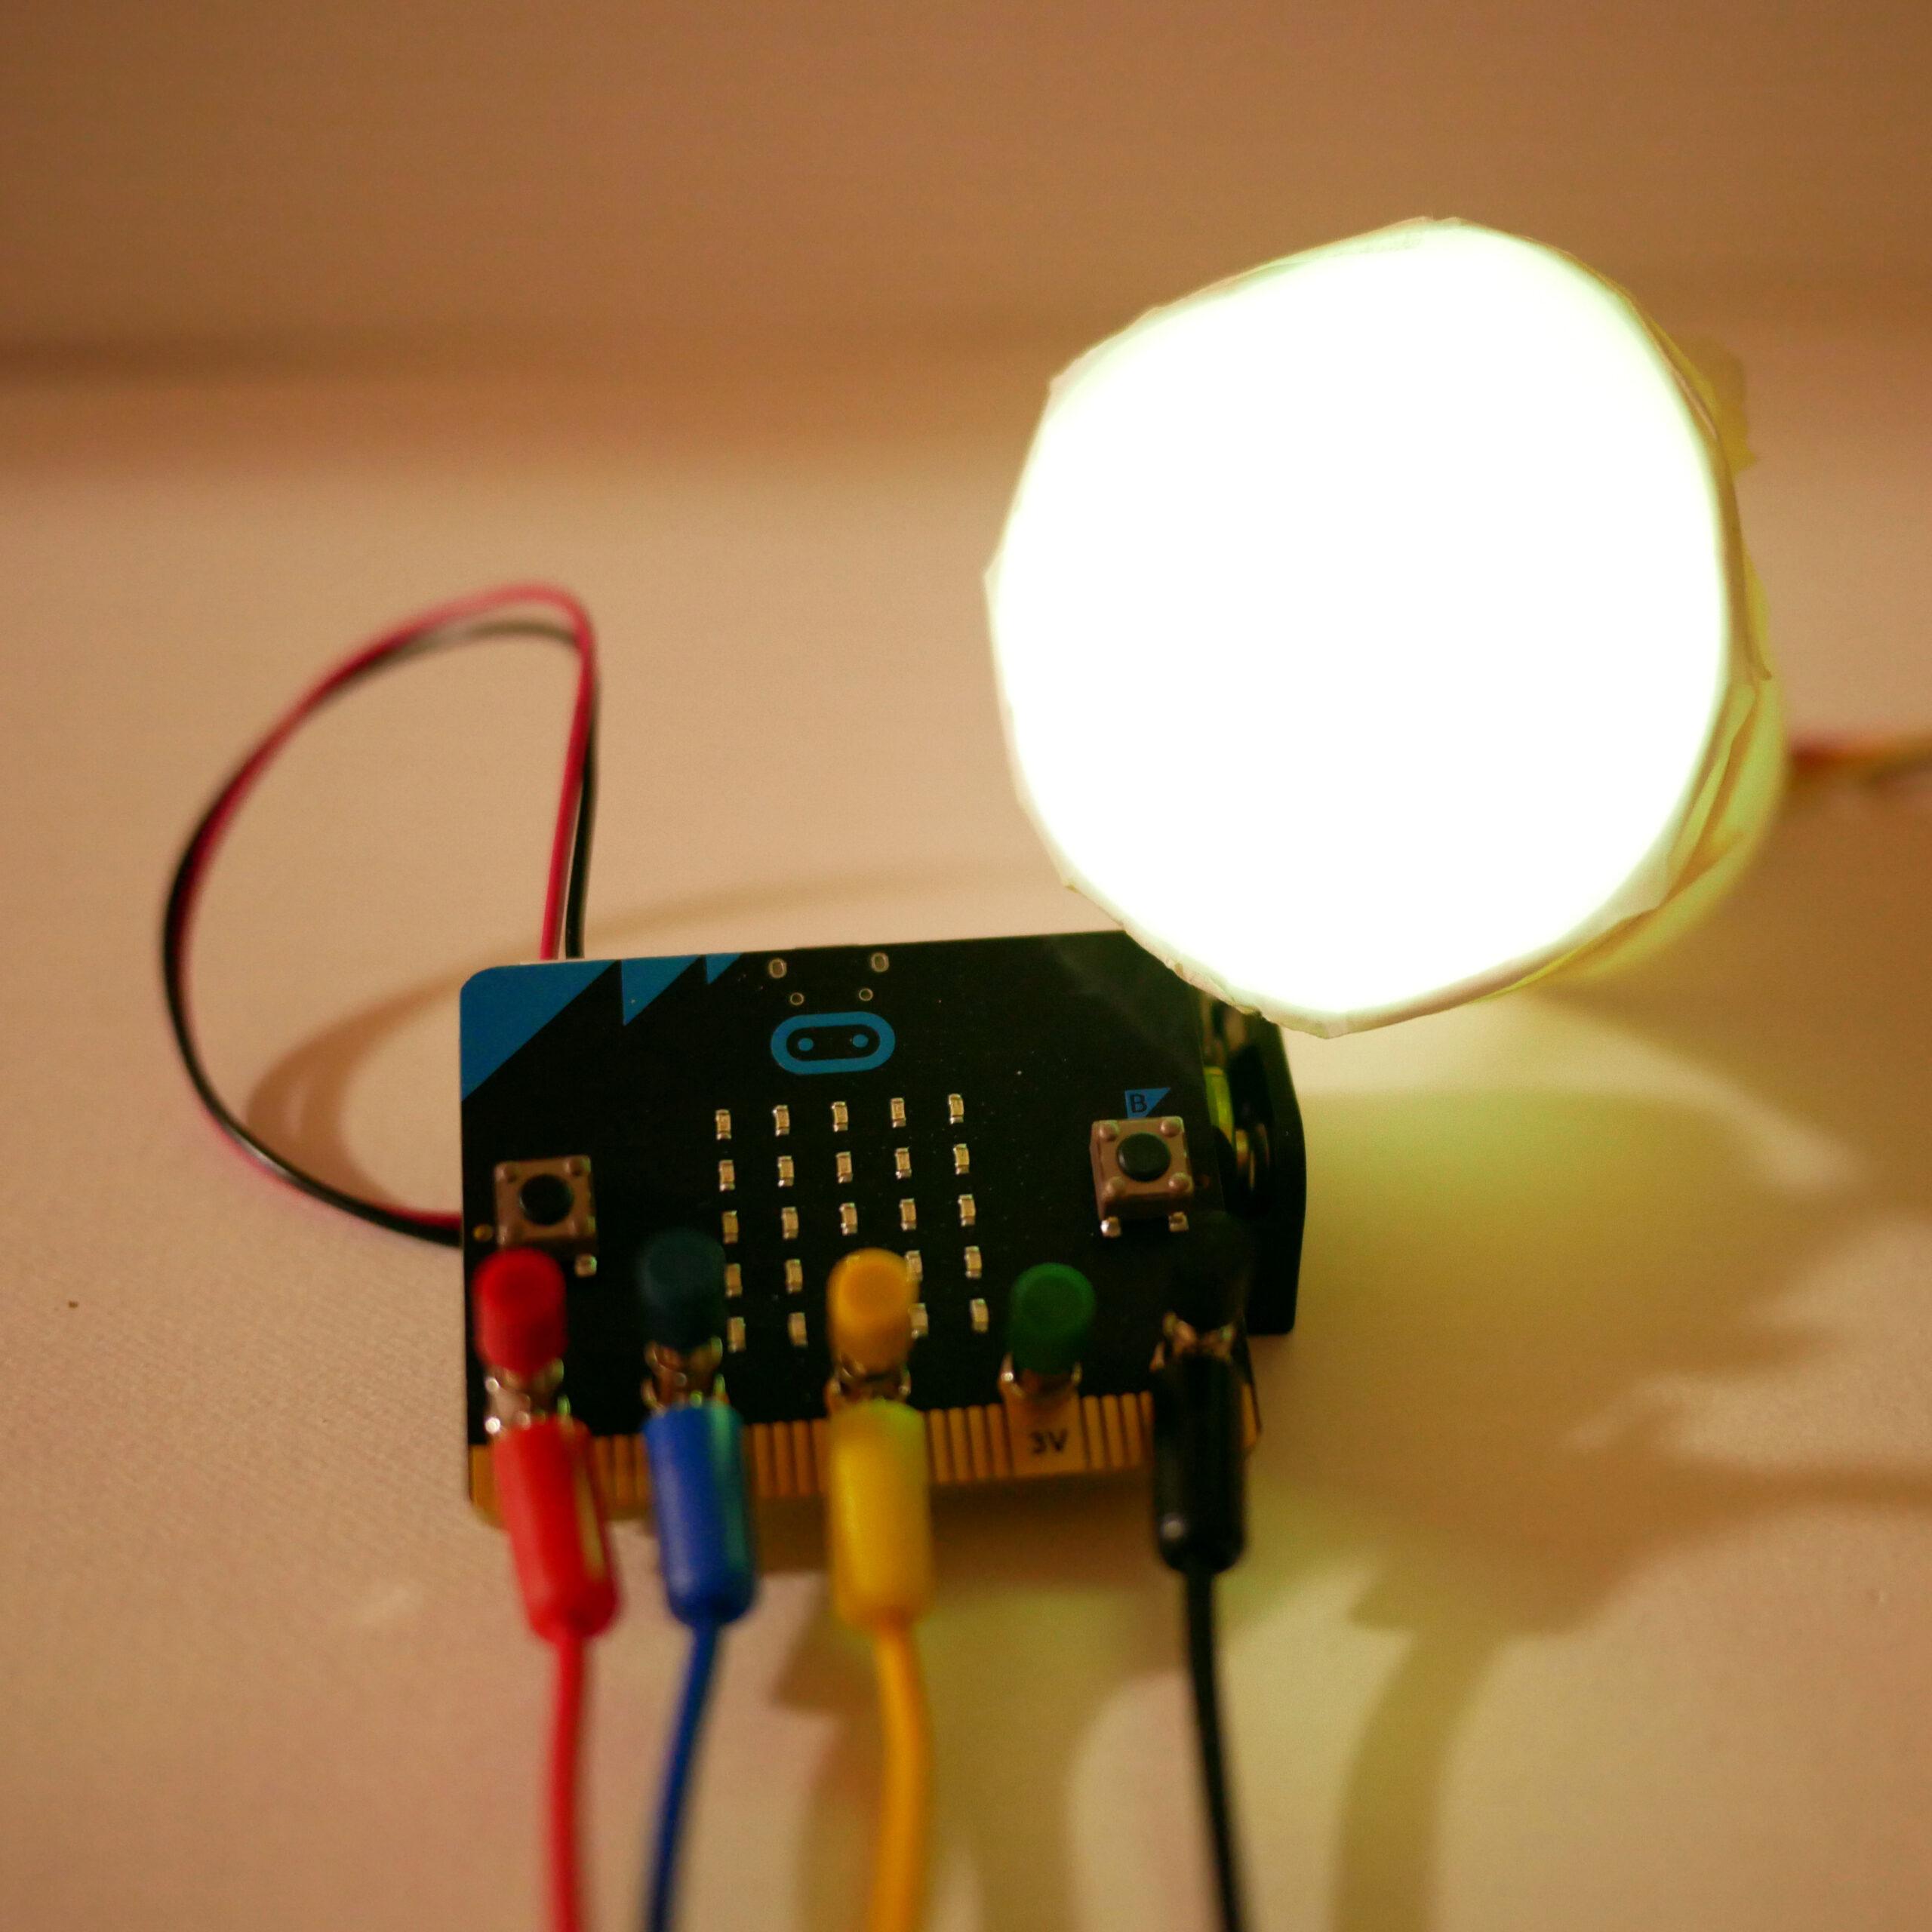 夏休み,小学生対象,講座,イベント,理科,レゴ,ロボット,科学,プログラミング,micro:bit,マイクロビット